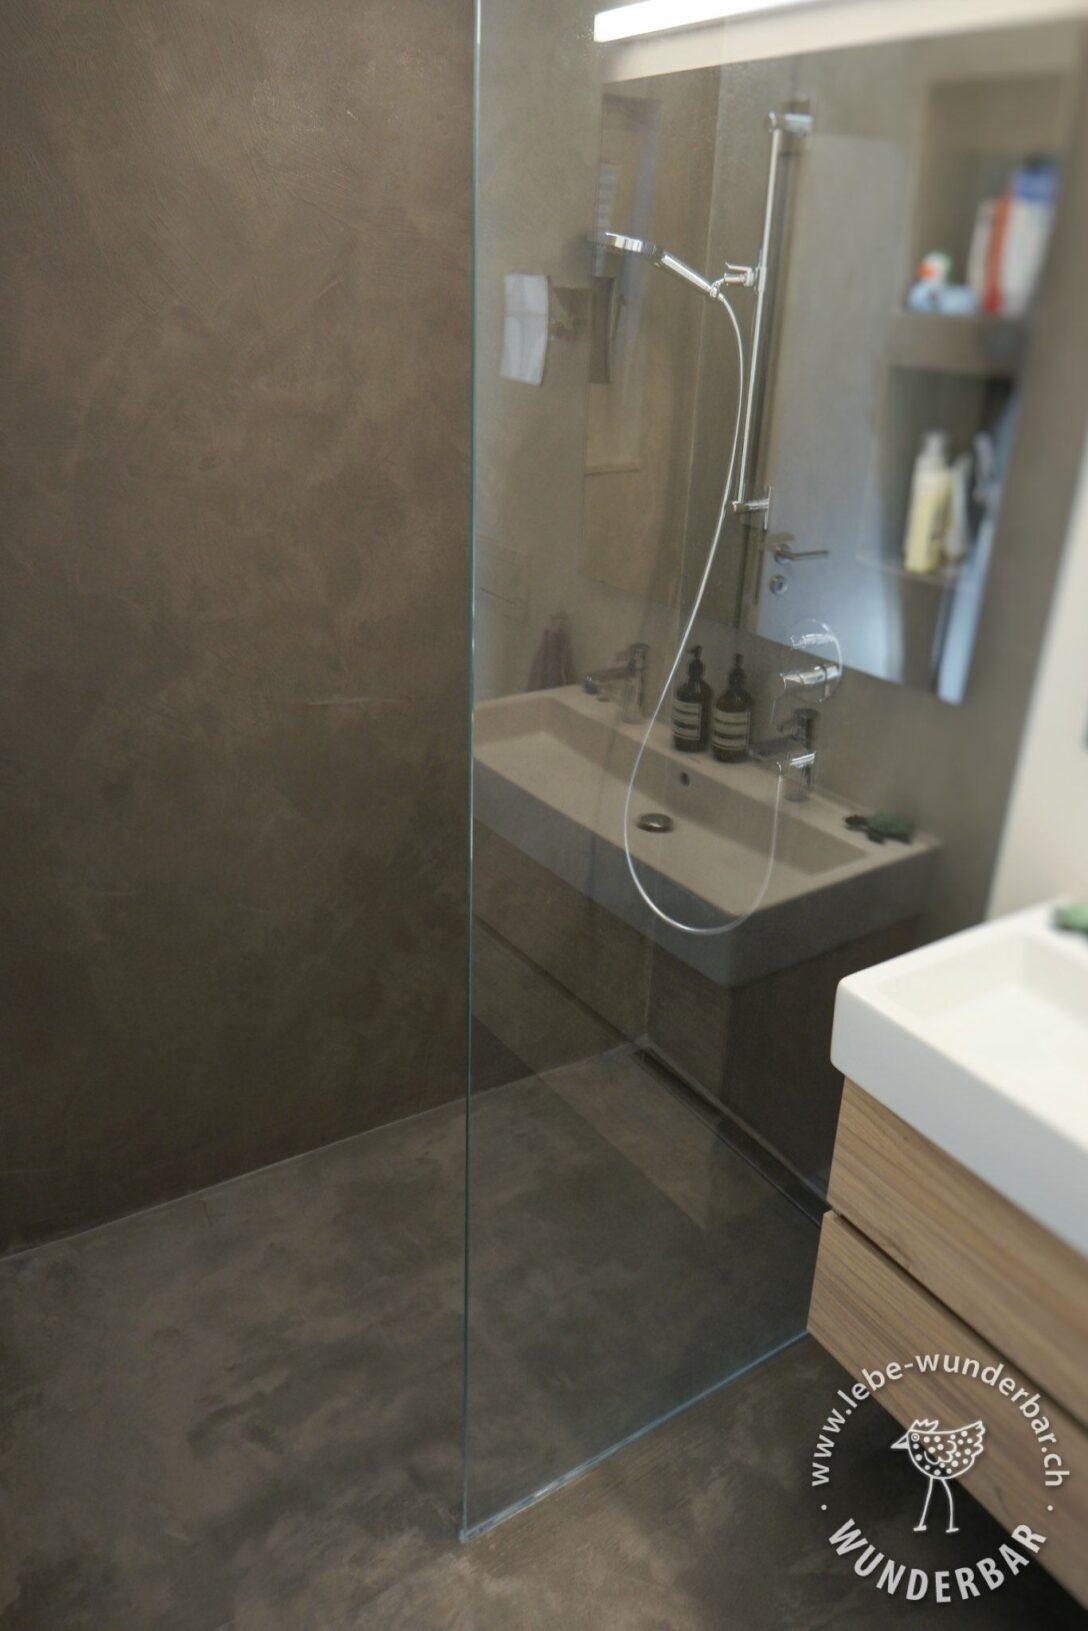 Large Size of Sprinz Duschen Kaufen Kosten Neue Fenster Begehbare Dusche Bluetooth Lautsprecher Ikea Küche Bad Fliesen Glastrennwand Nischentür Schulte Dusche Ebenerdige Dusche Kosten